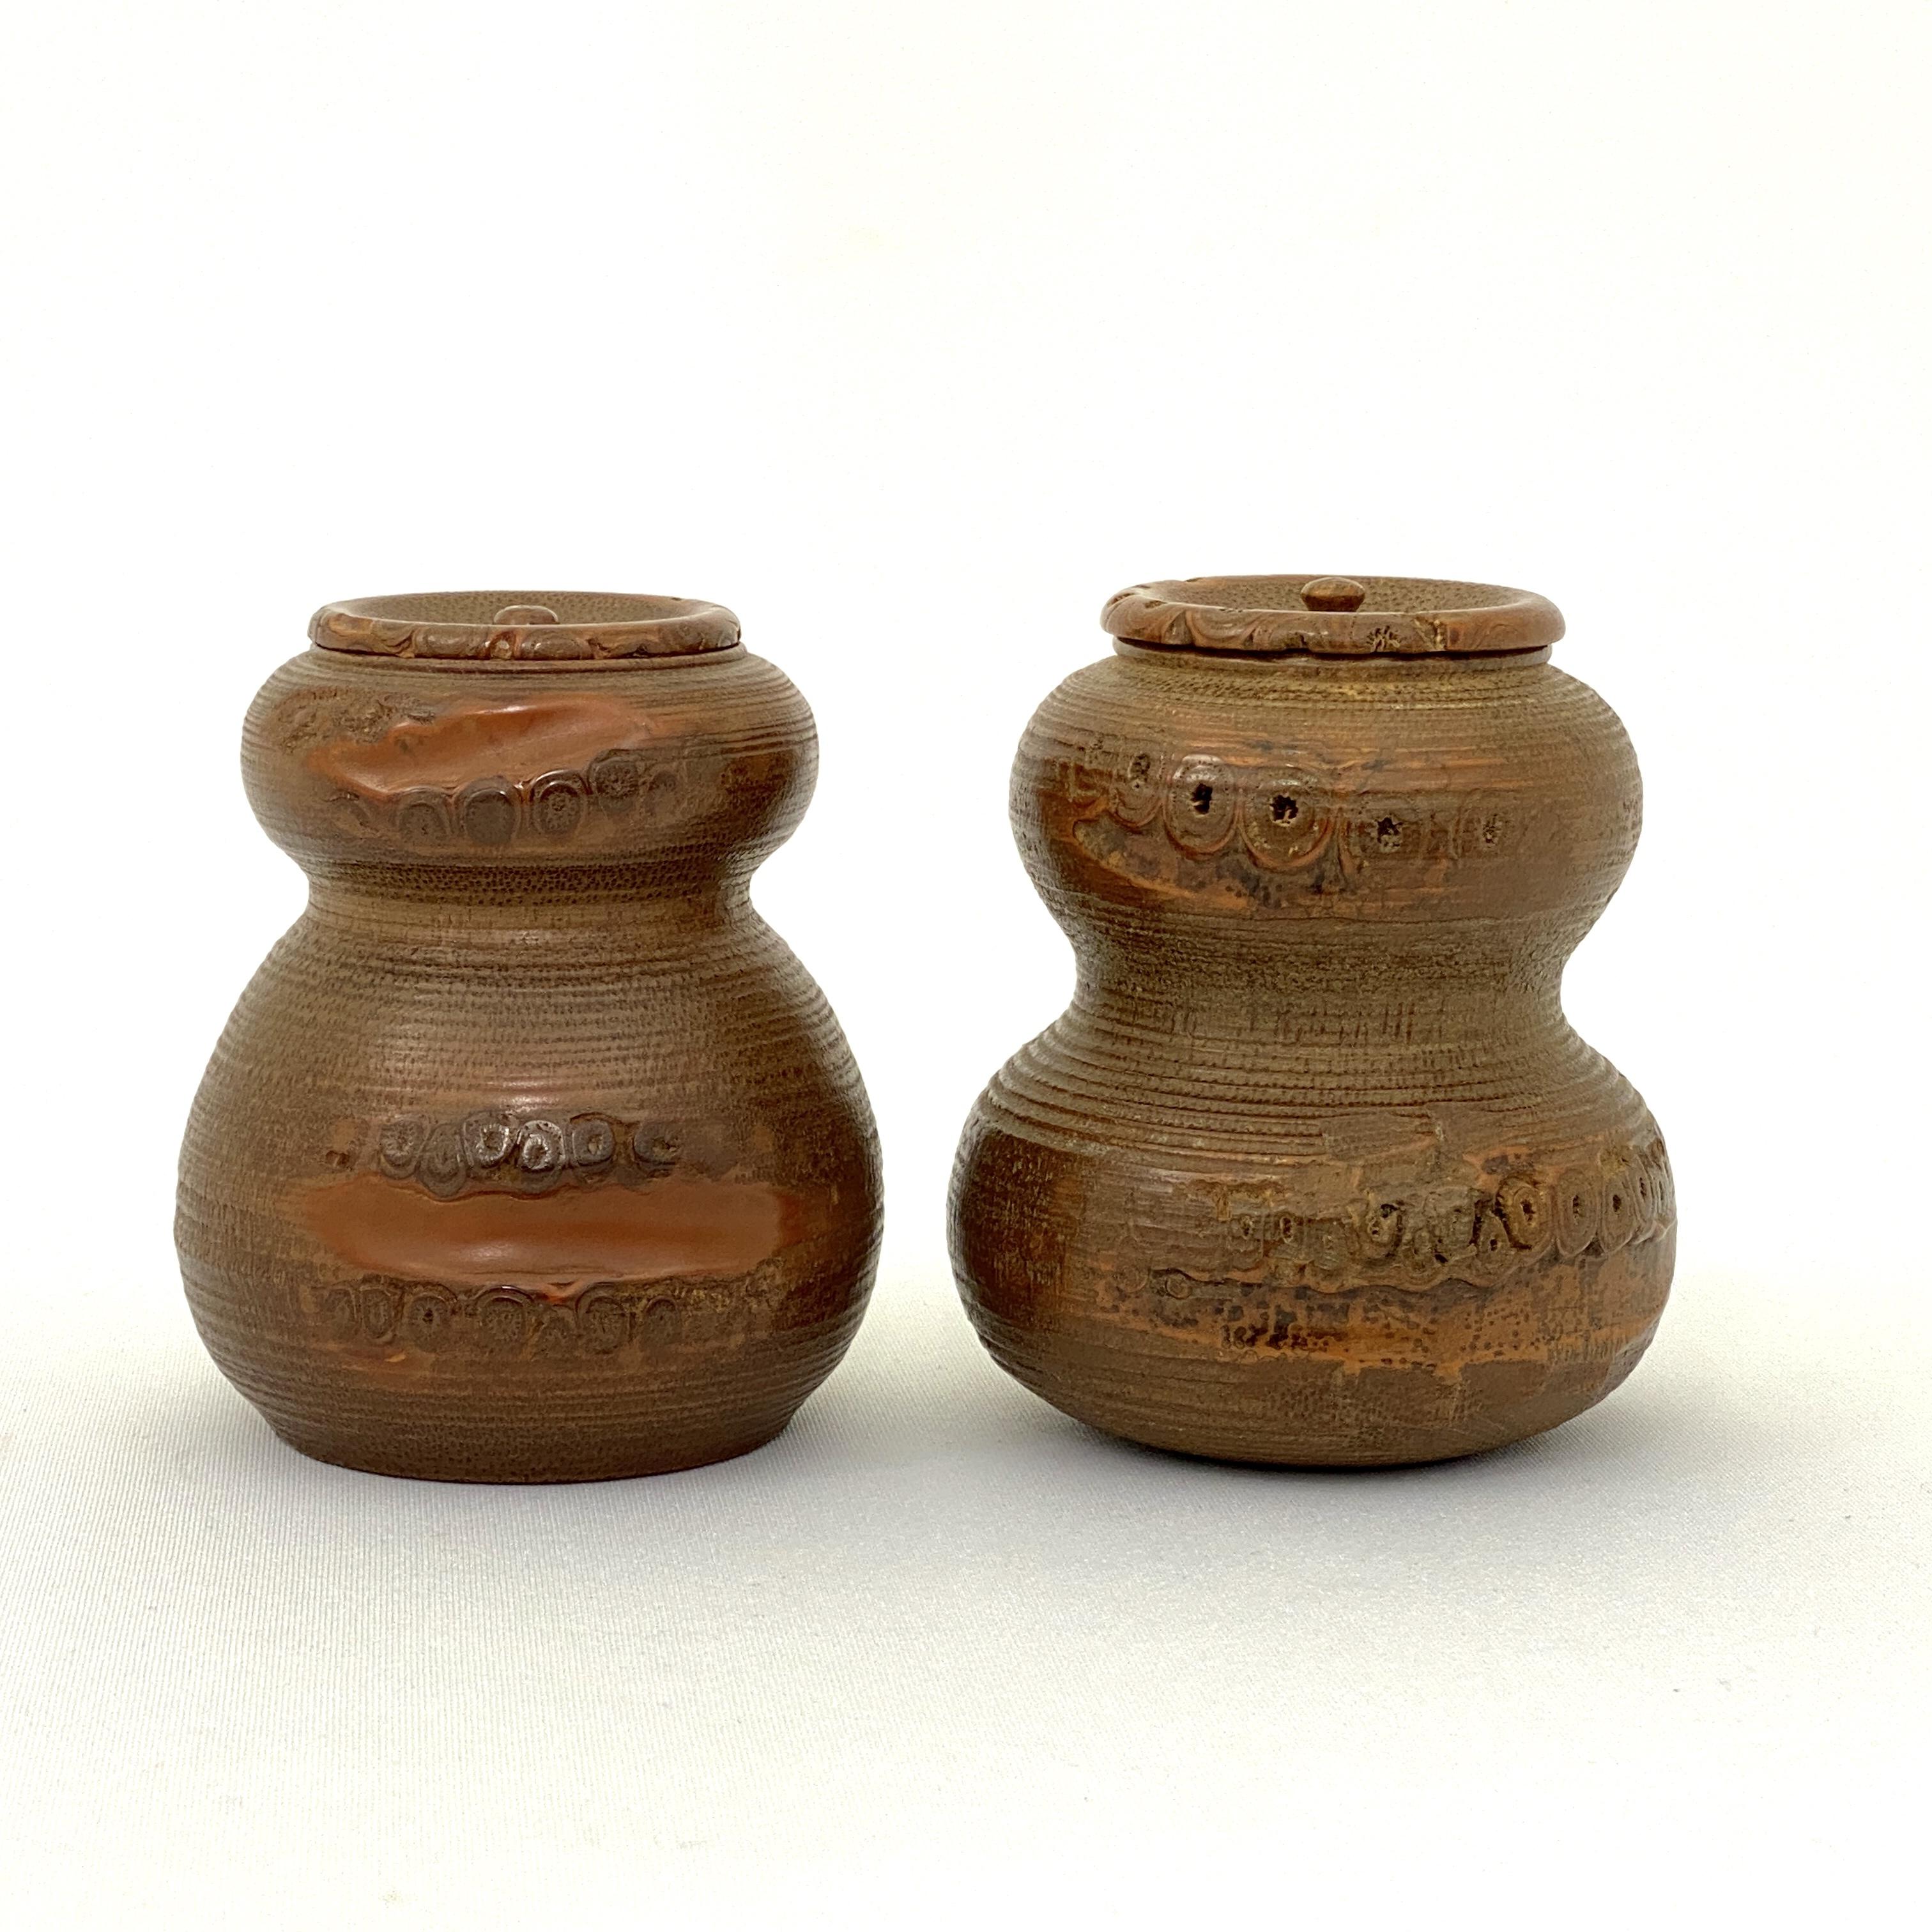 20029奇竹雕 葫蘆形 茶缸 一対